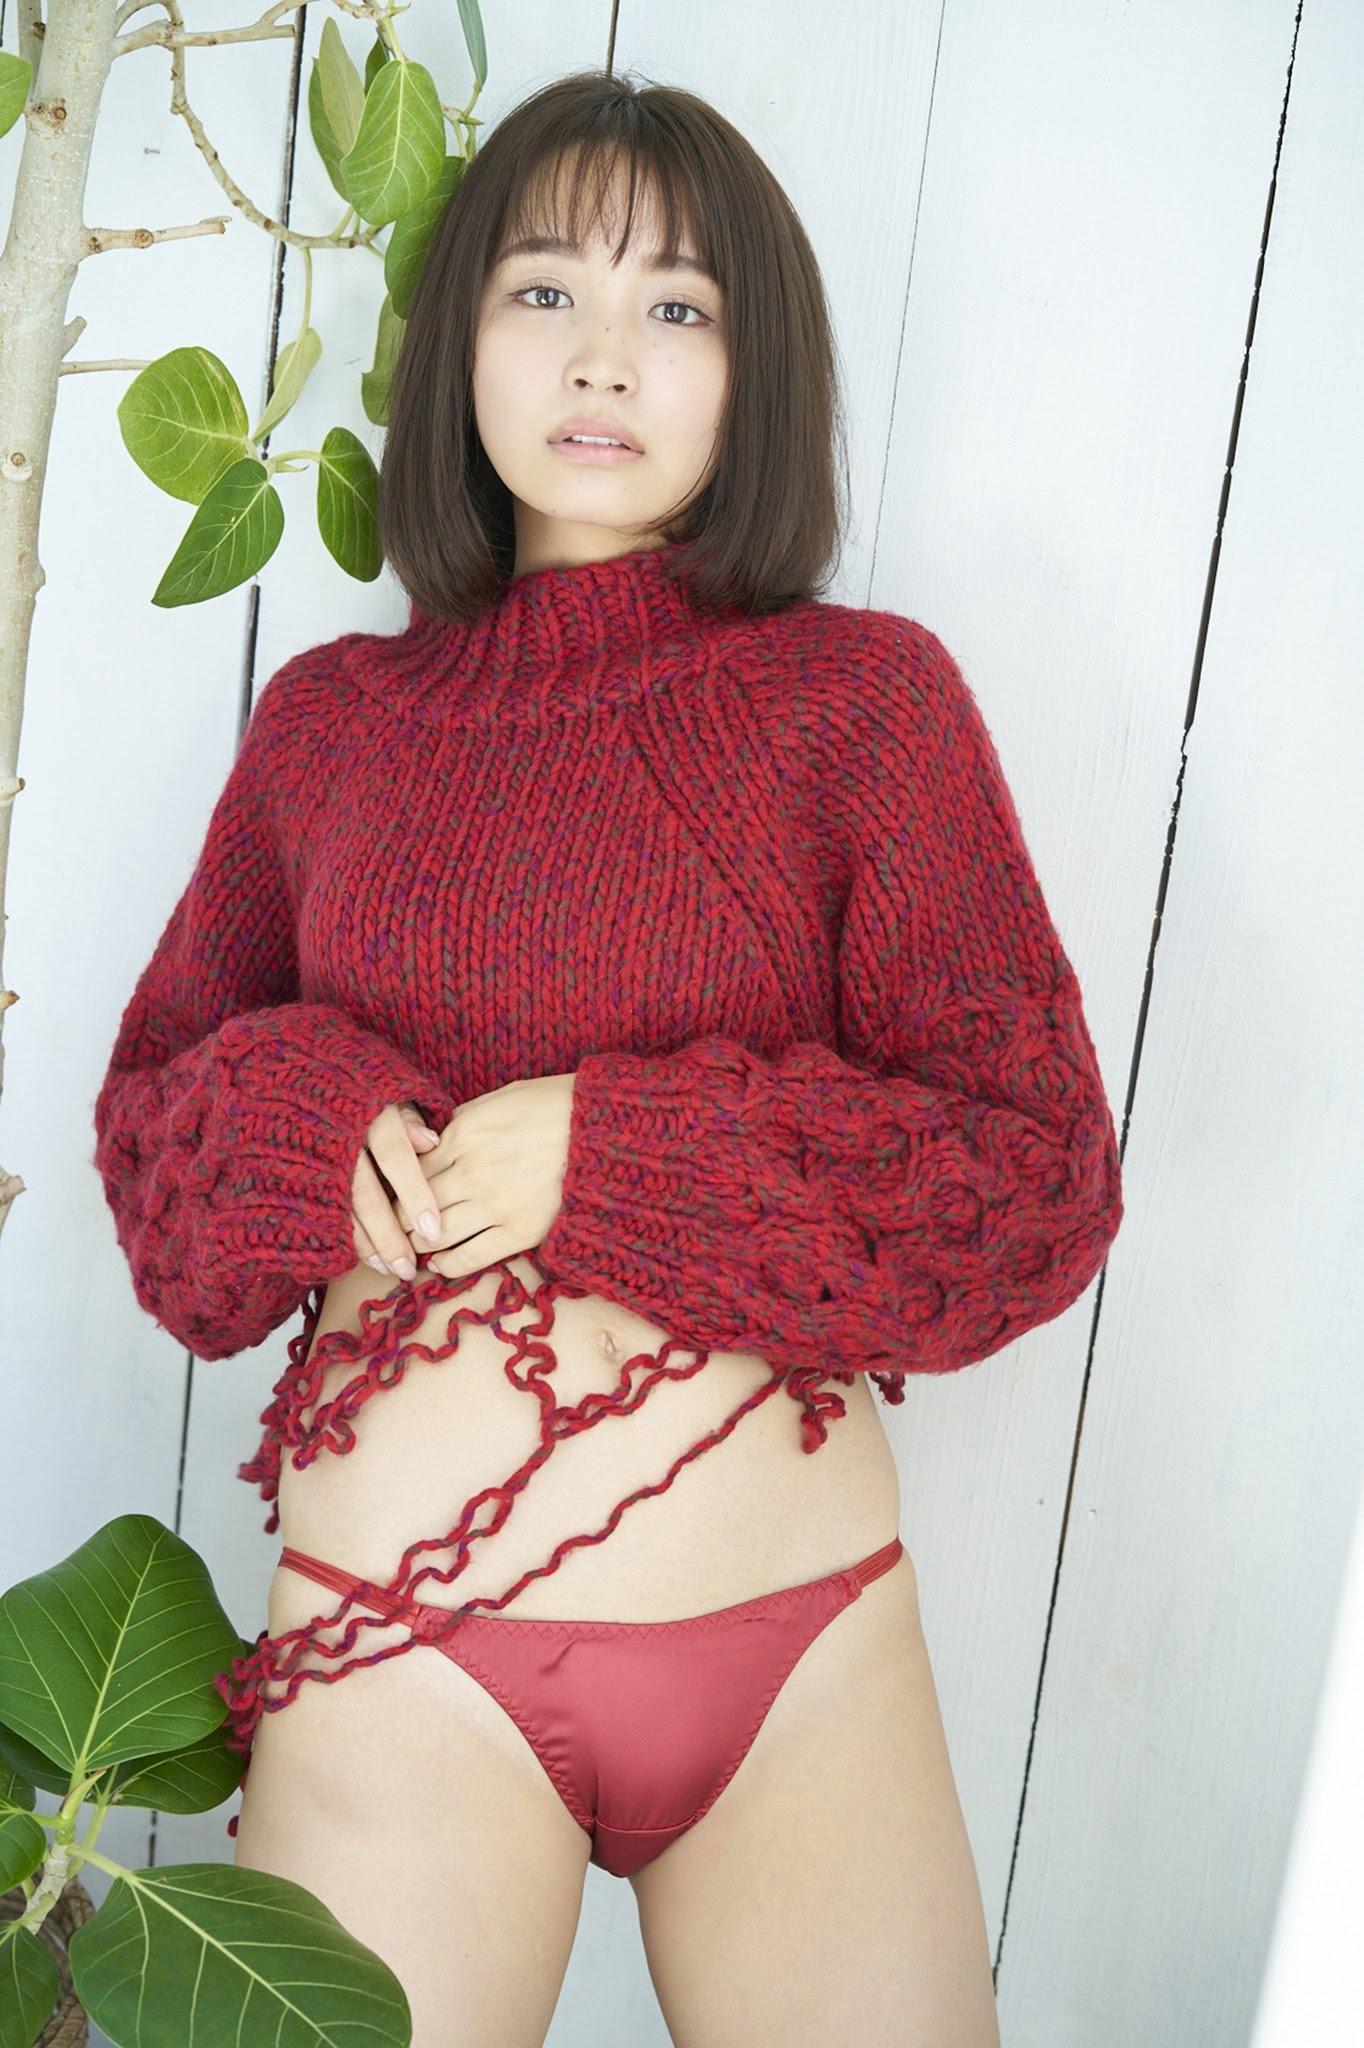 kubo_nonoka046.jpg